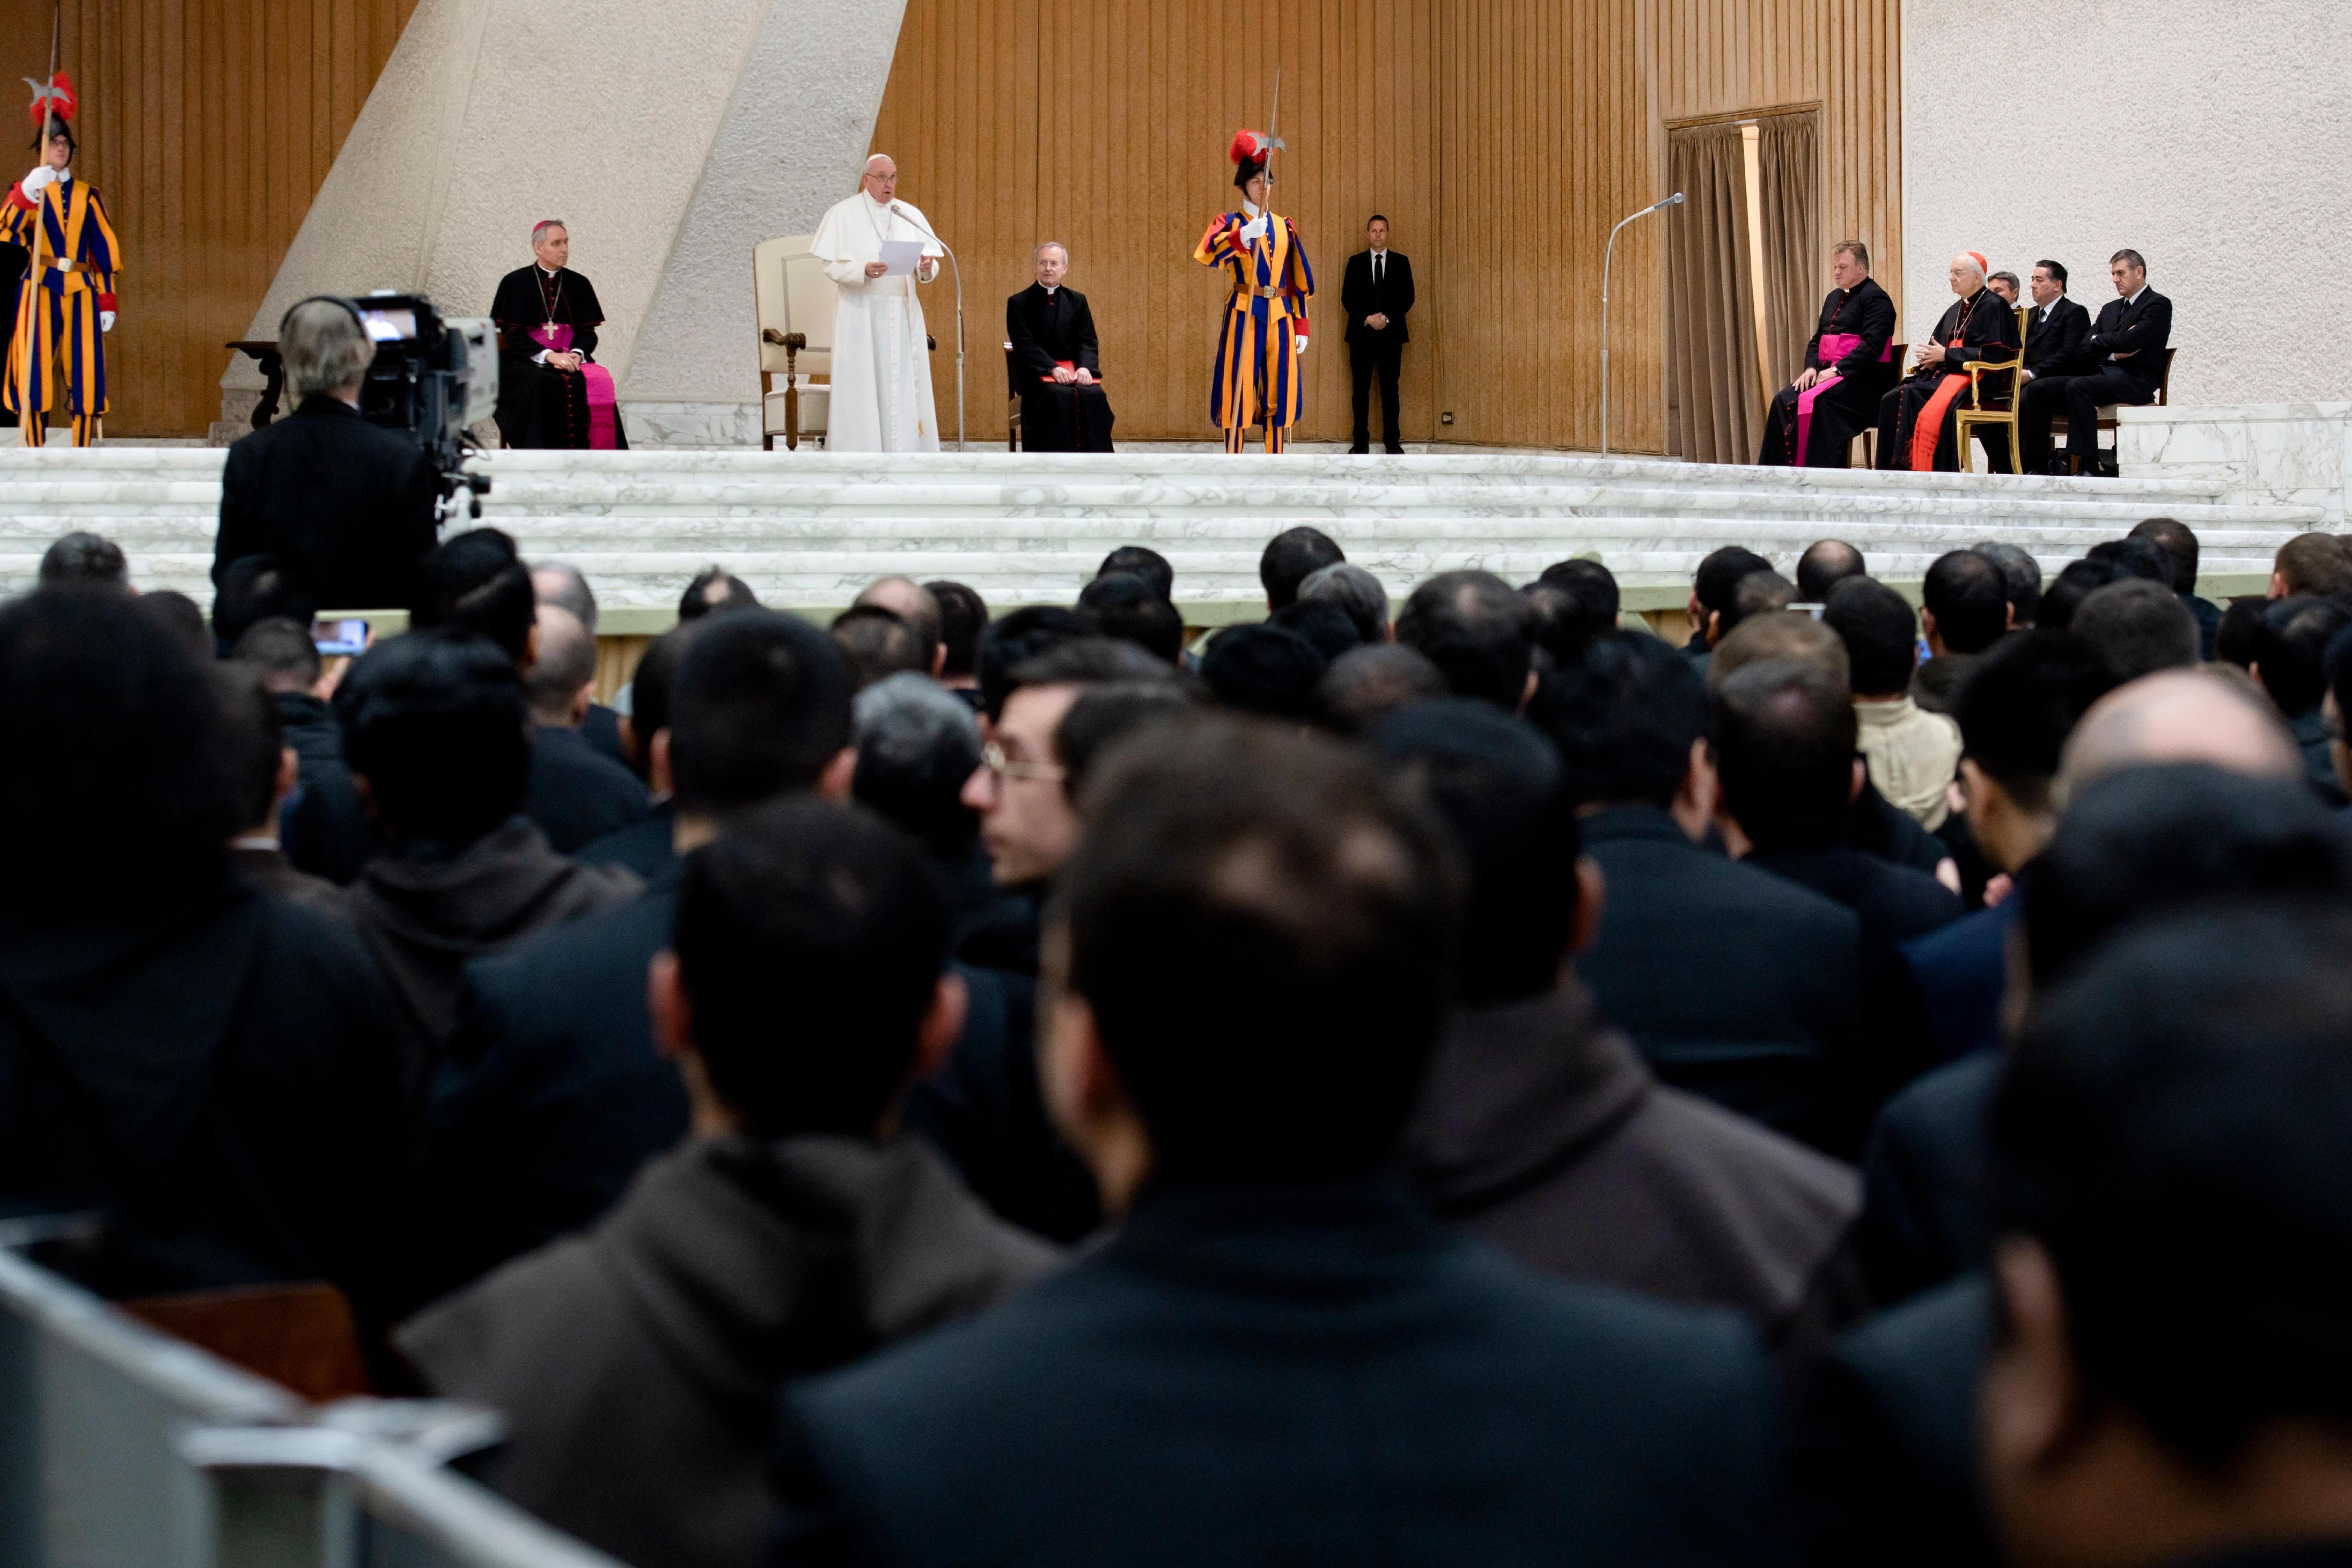 Cours sur le for interne © Vatican Media